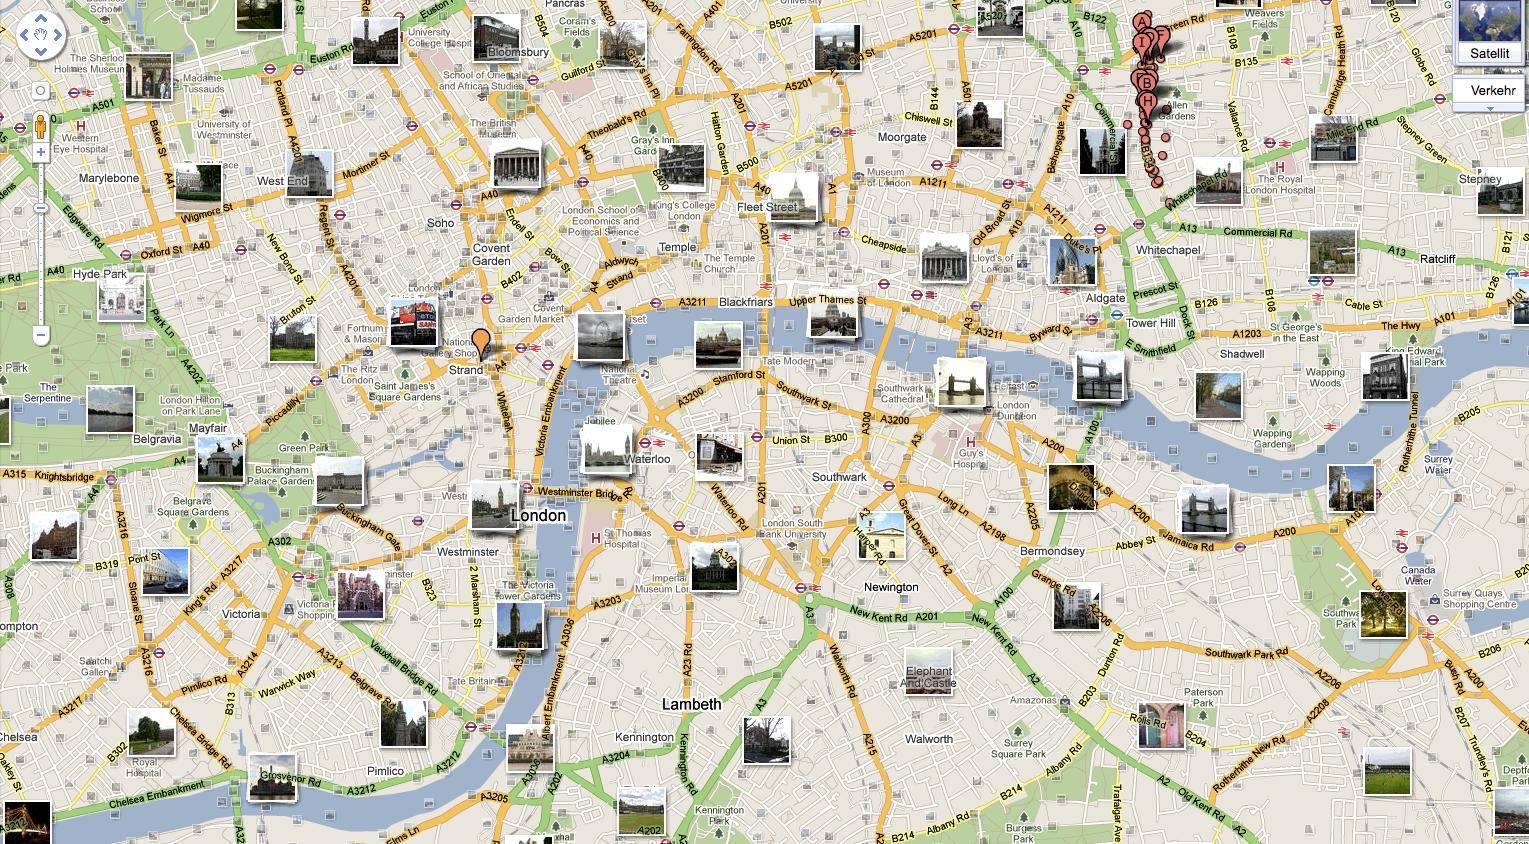 London Tourist Sites Map.London Tourist Map Travel Tourism